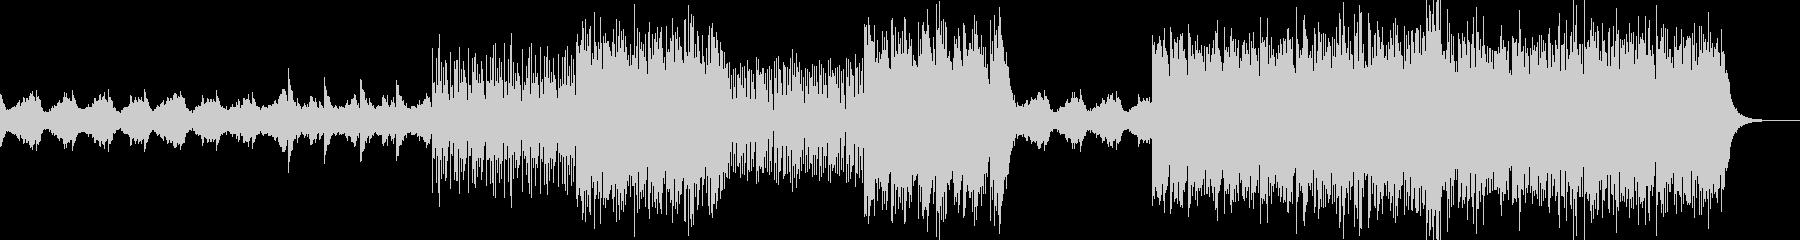 ダウンテンポBGMの未再生の波形